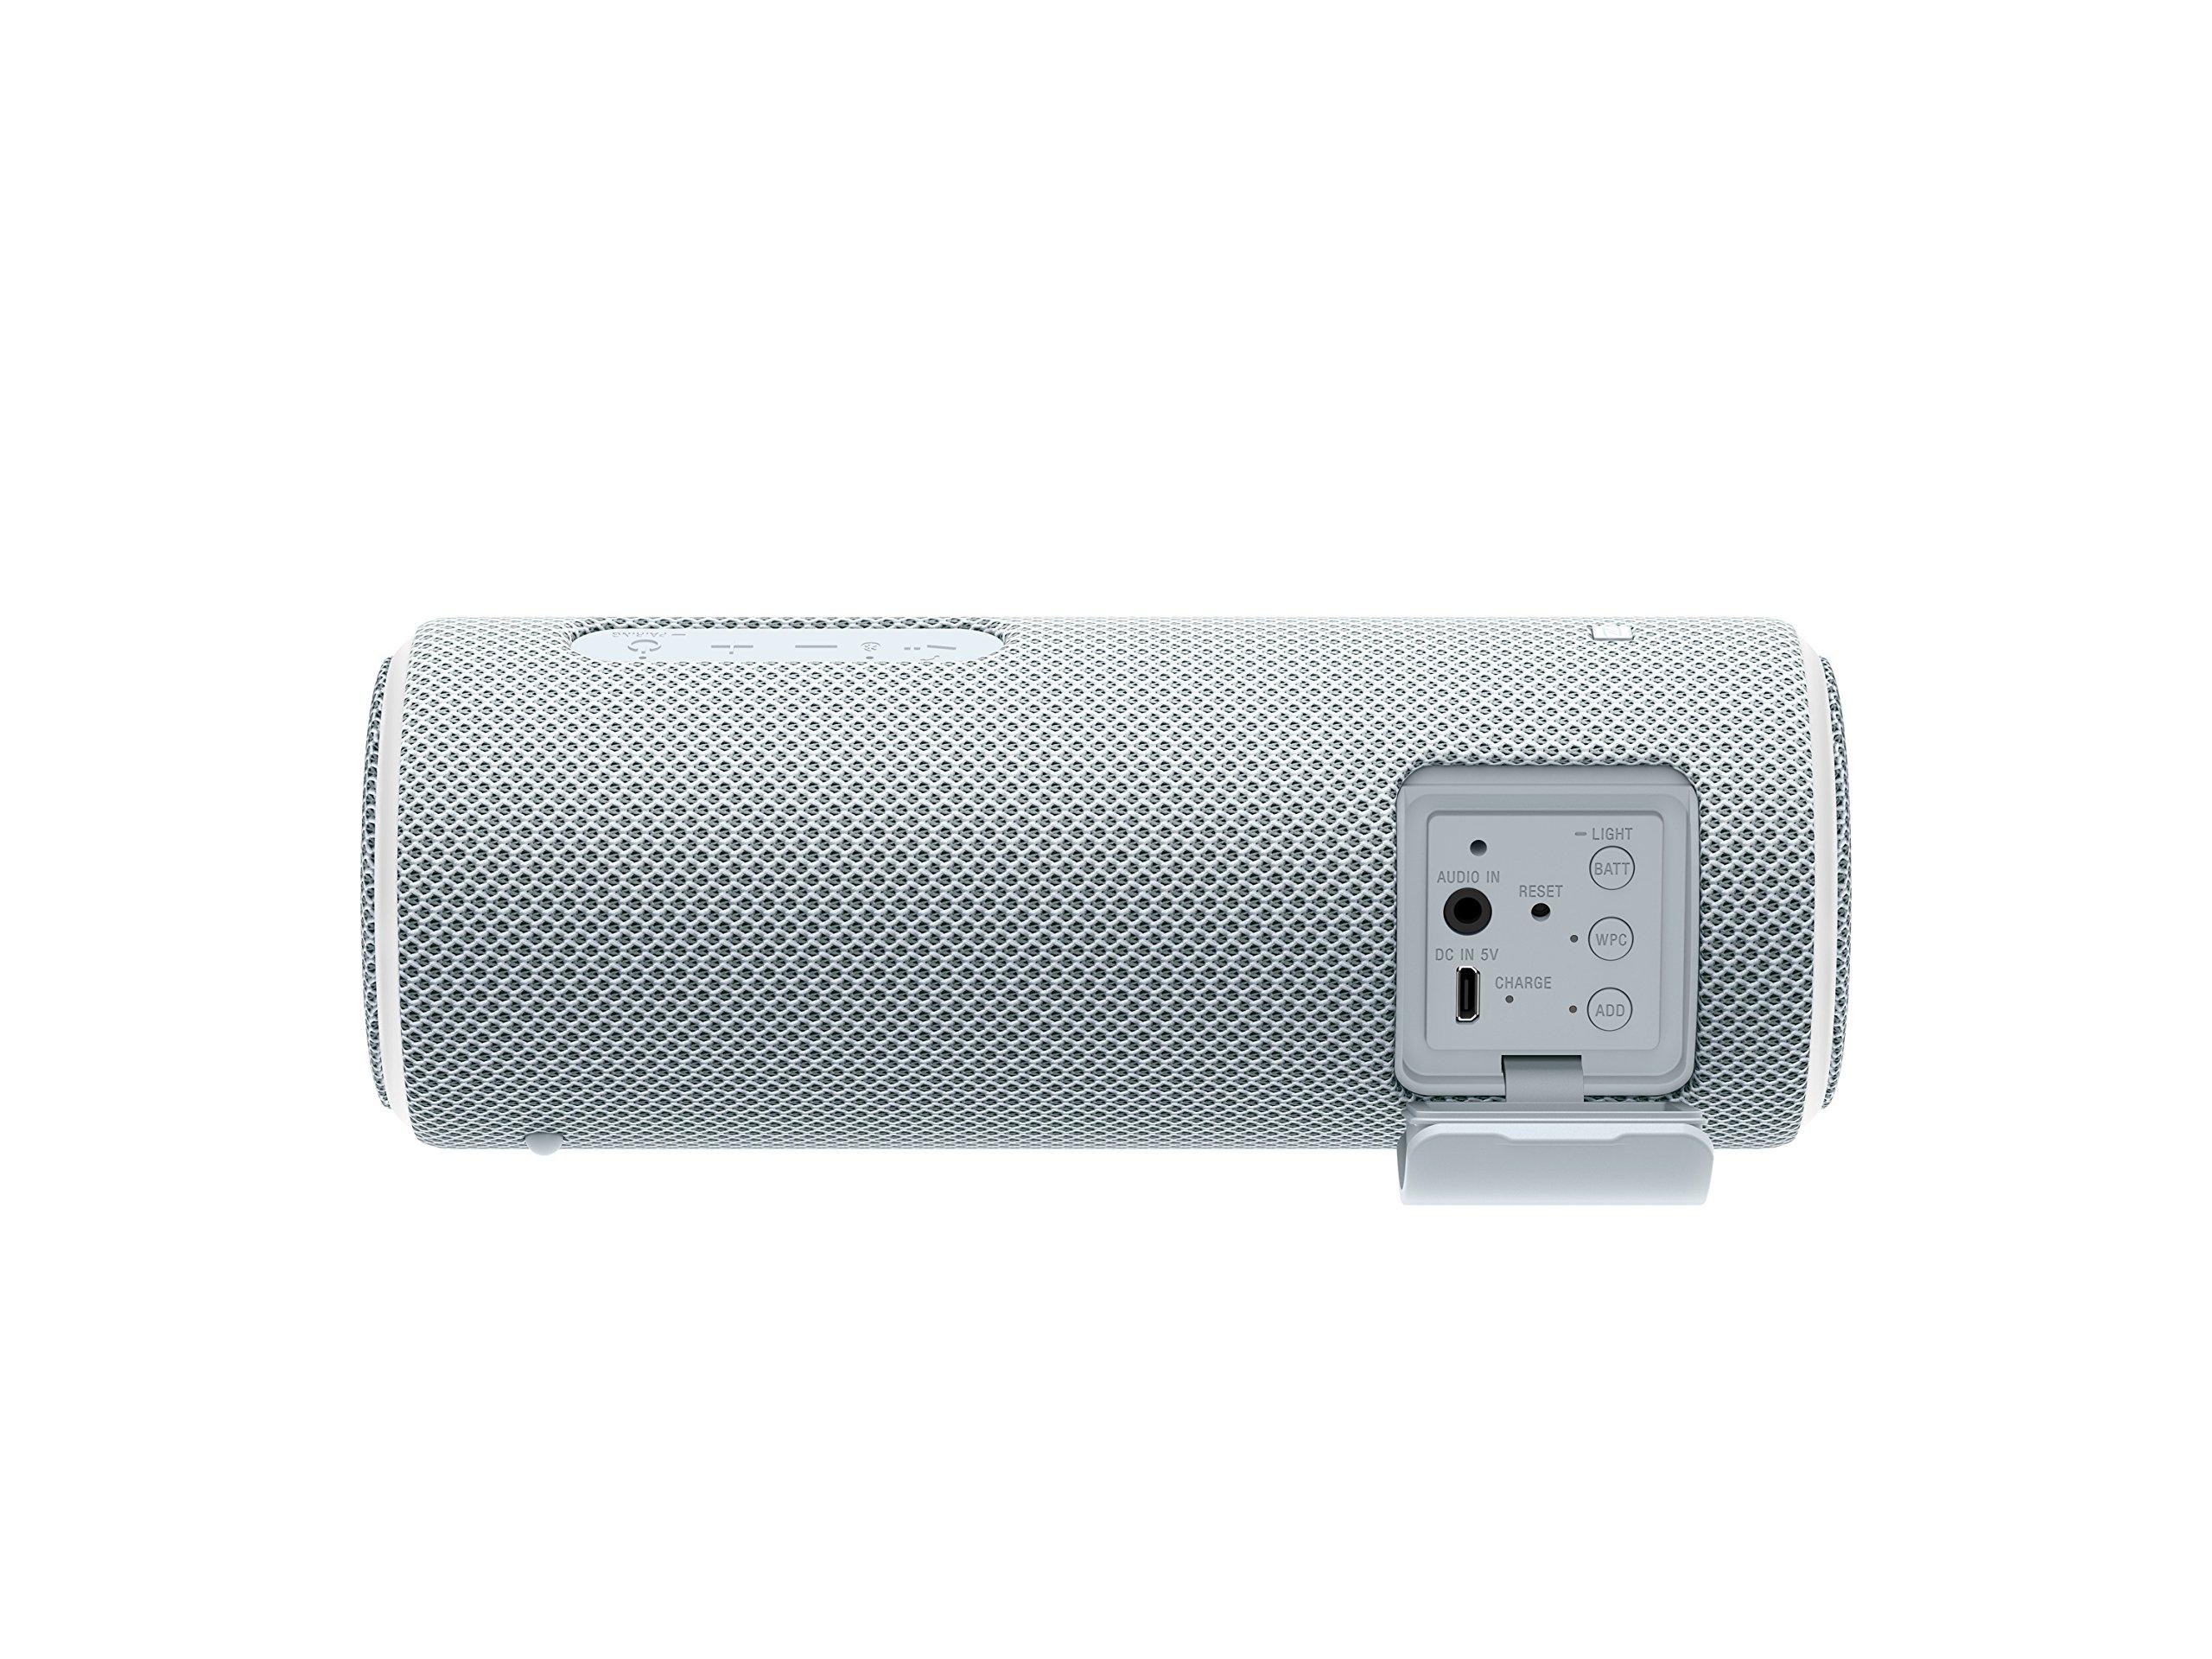 Sony Portable Wireless Waterproof Speaker 3